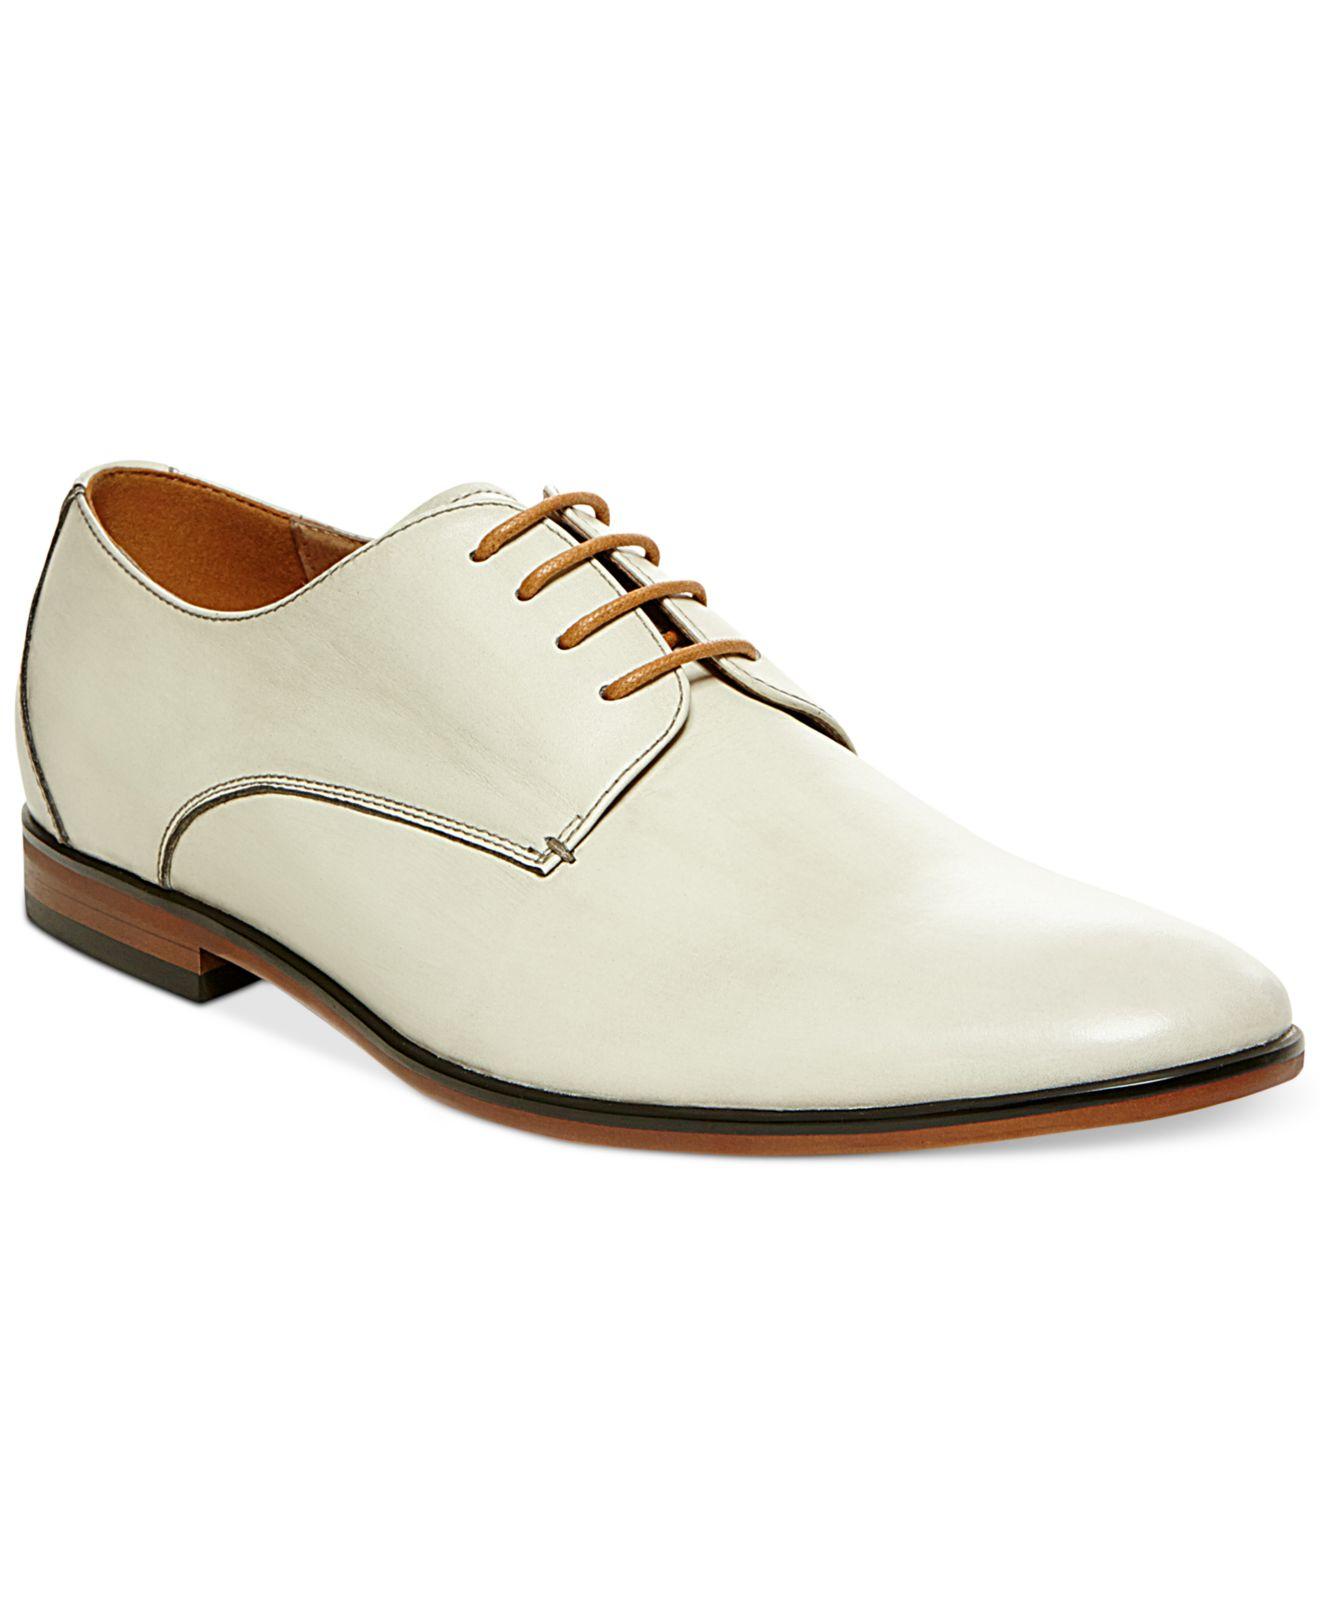 steve madden trotter dress shoes in white for